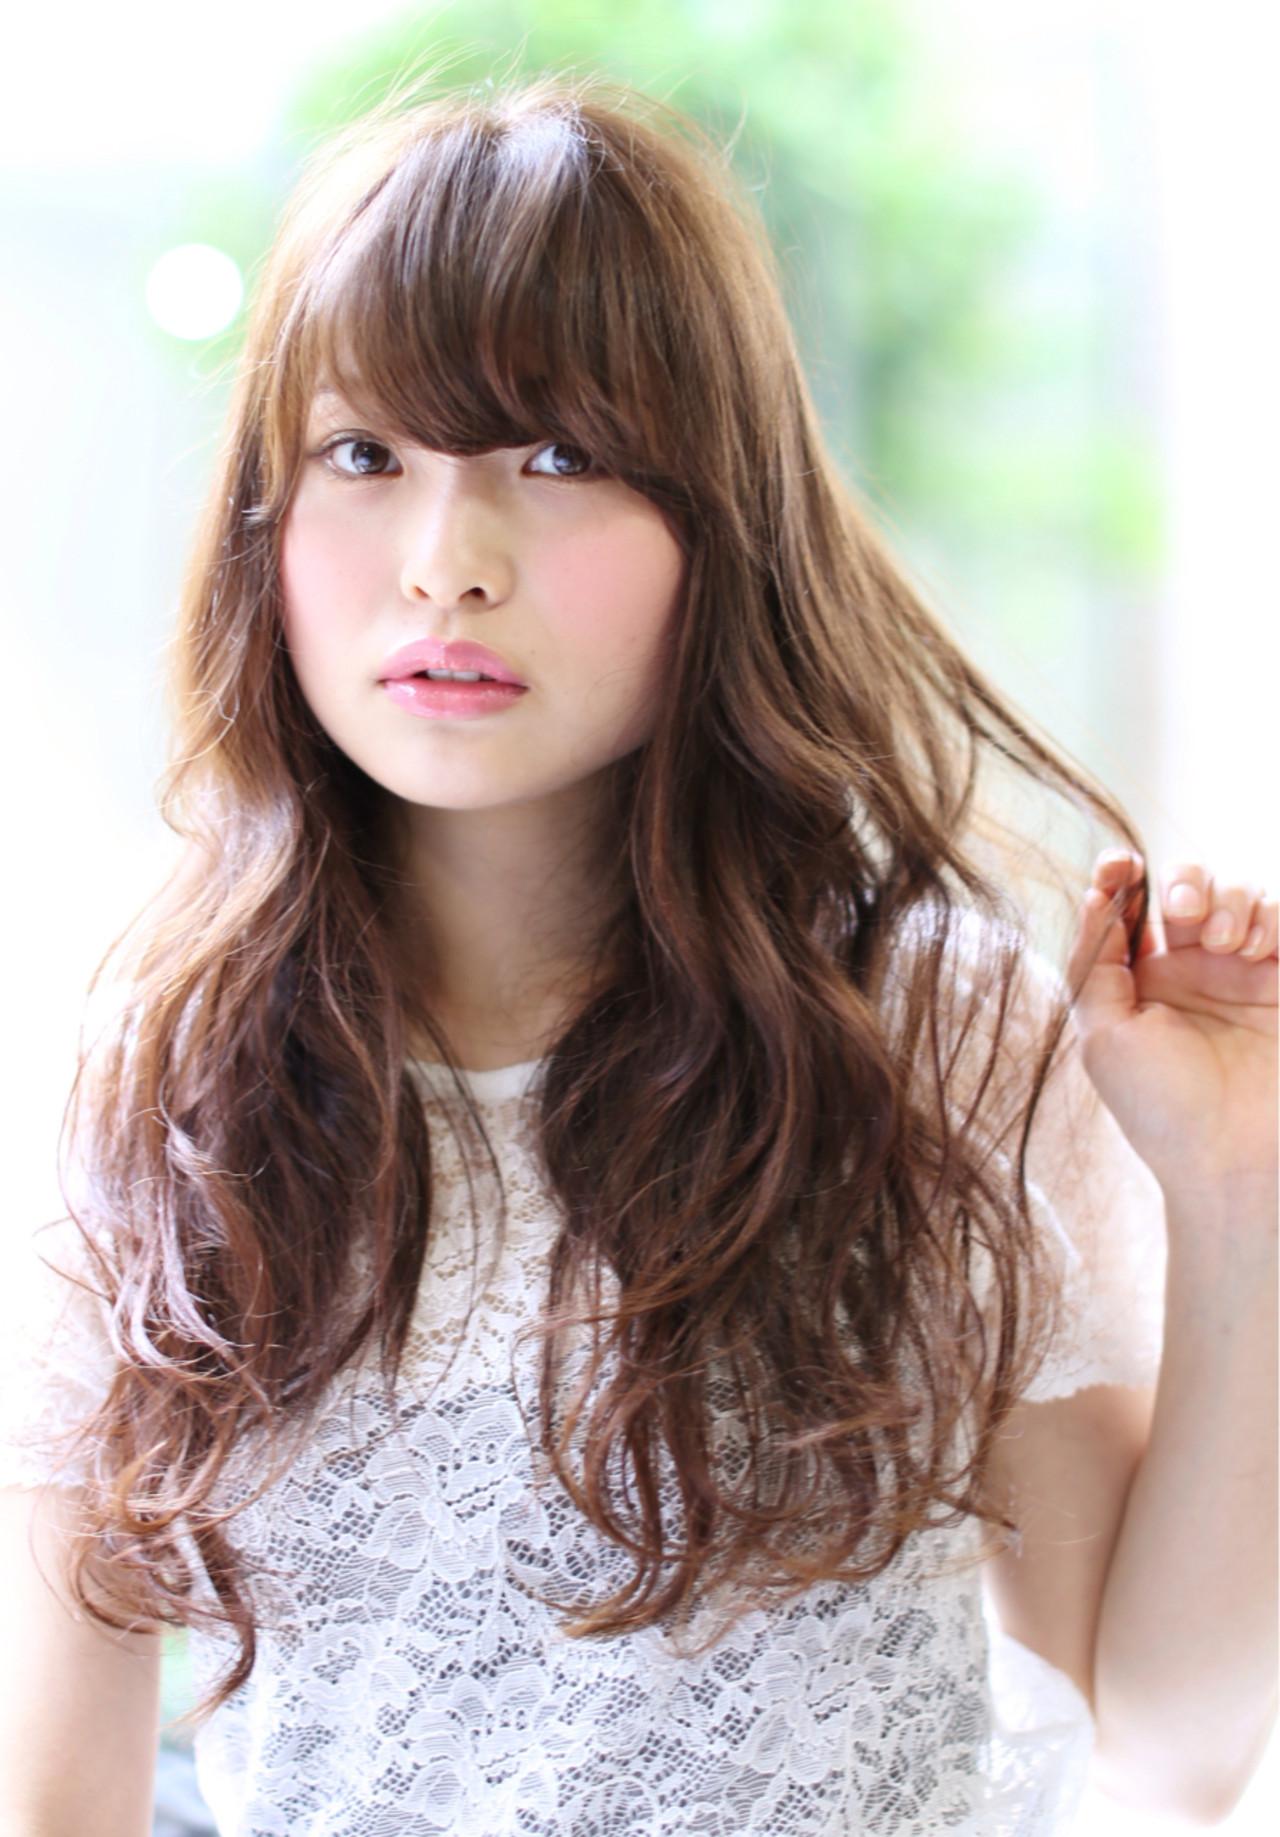 ふわふわ感がたまらない。パ―マで憧れのドーリーガールに♡ Taku Yokose / Digz hair